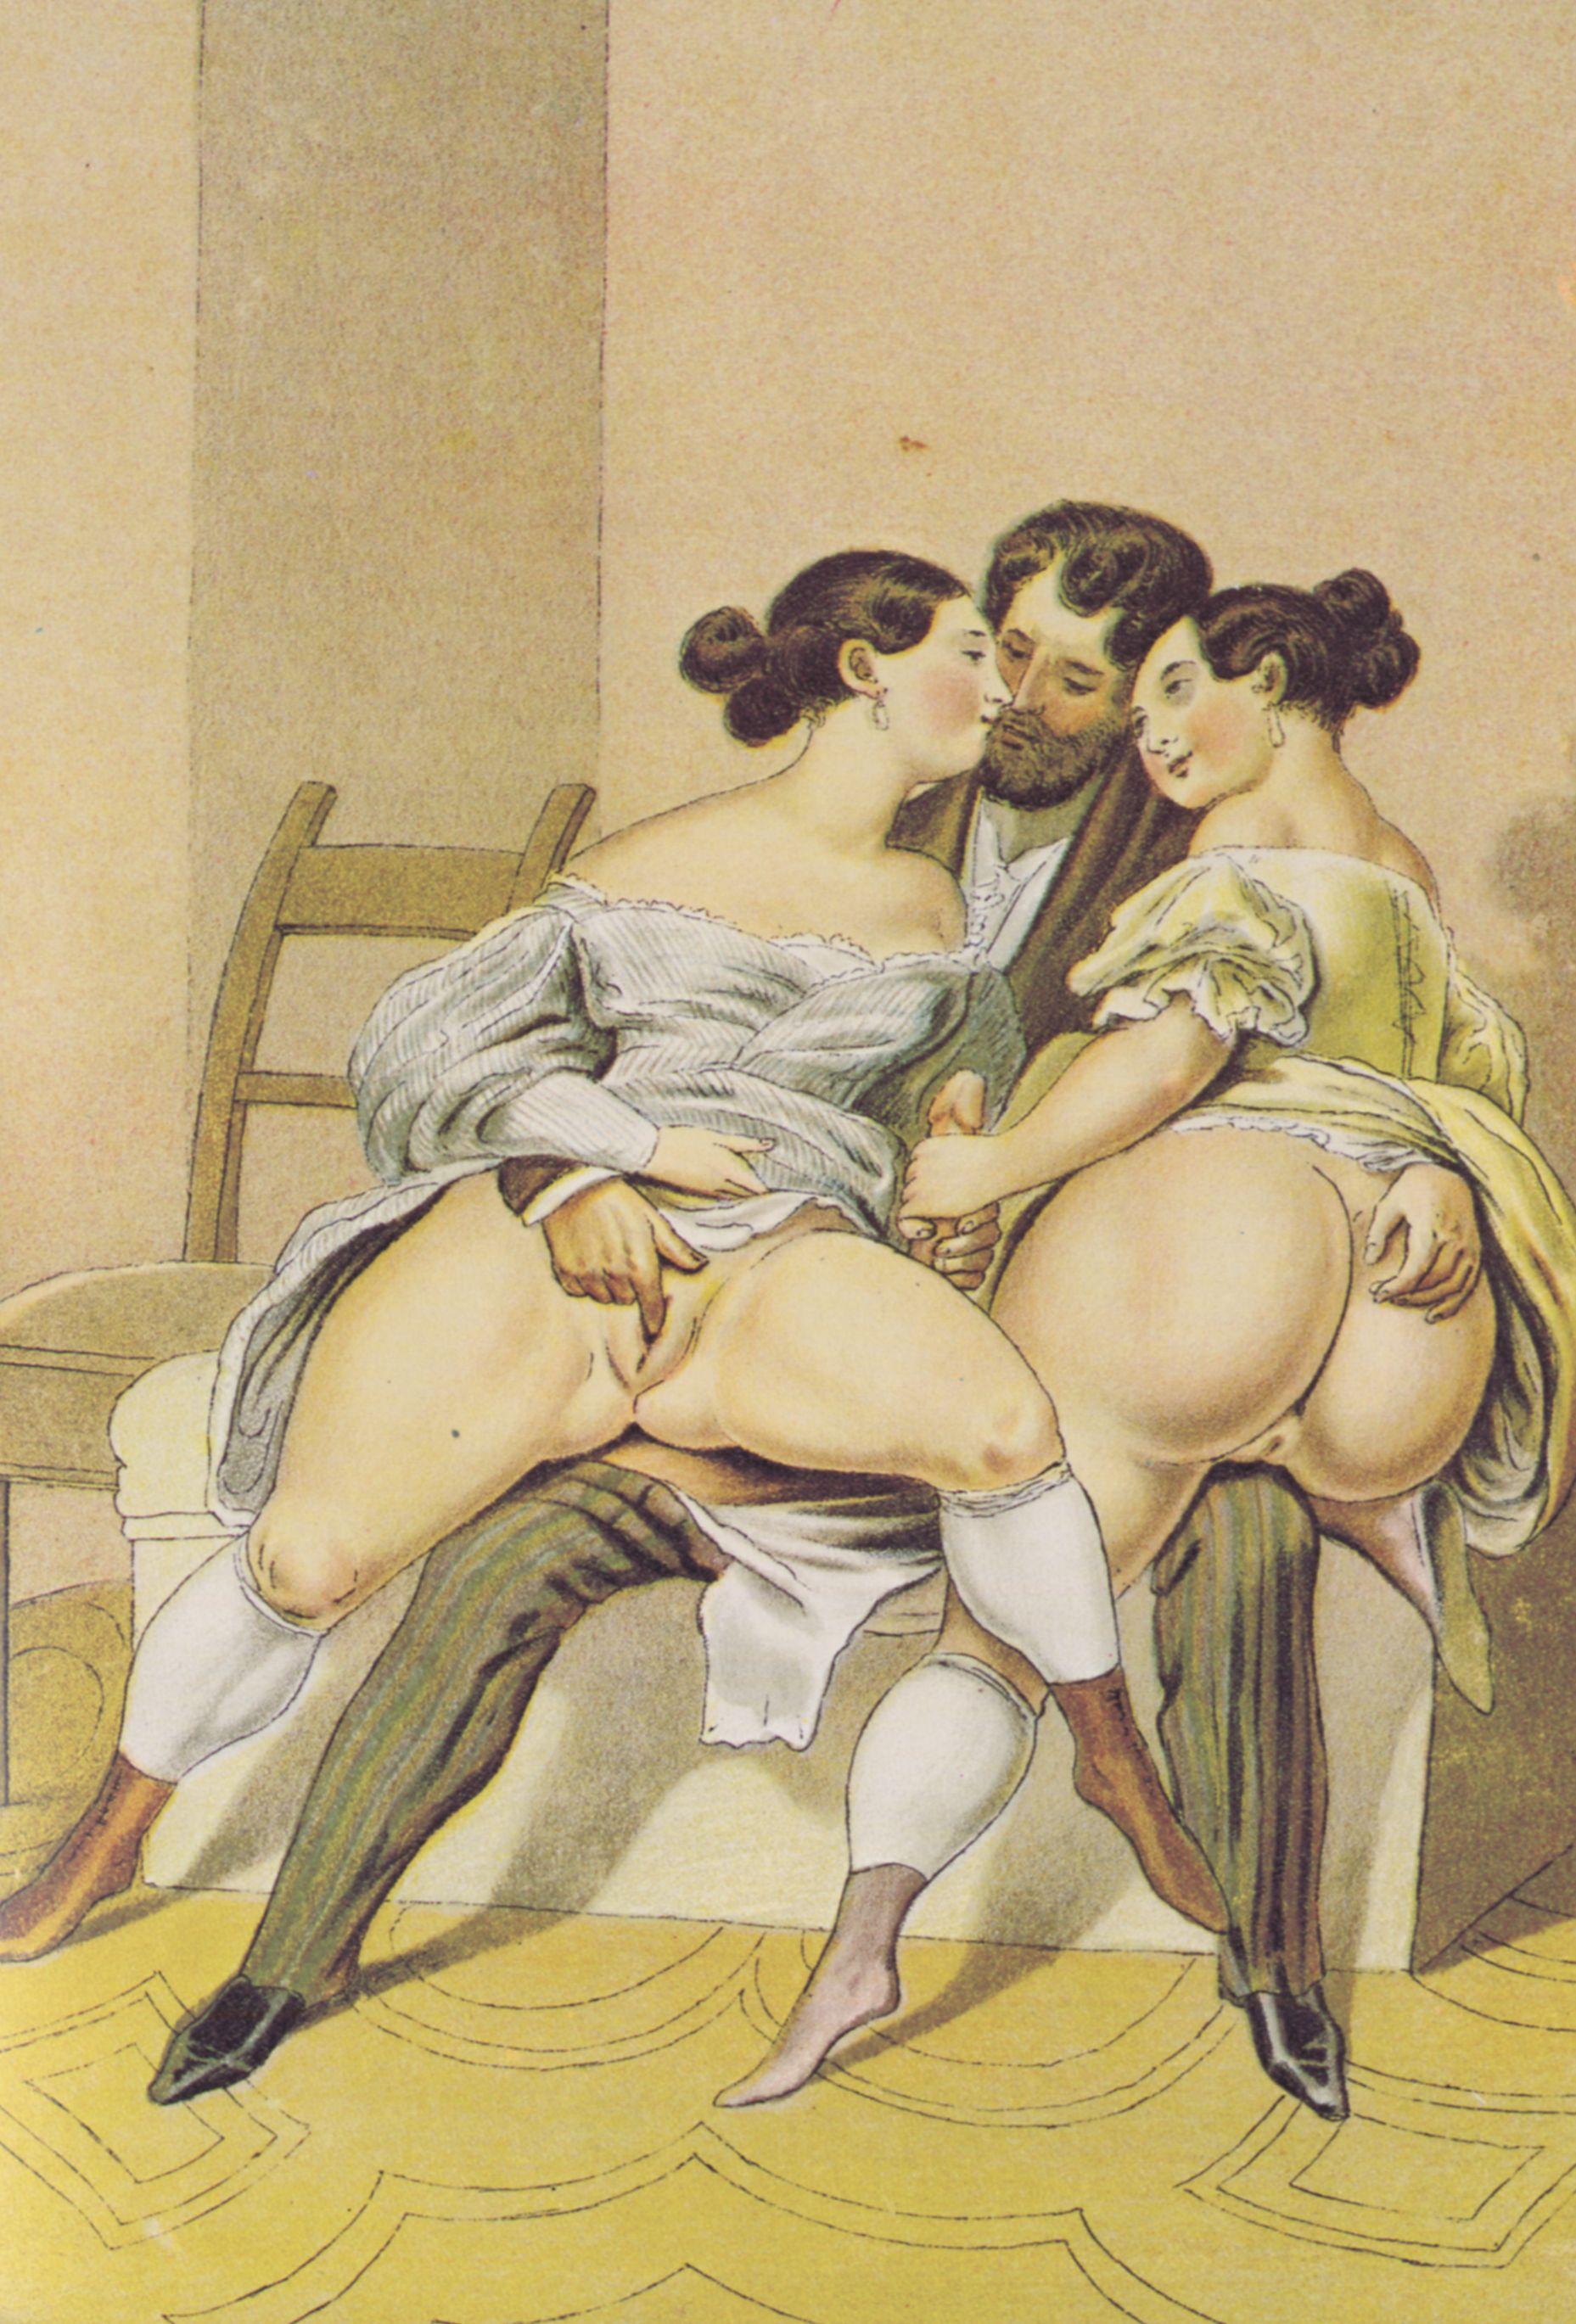 Секс как искусство арт картинки 14 фотография